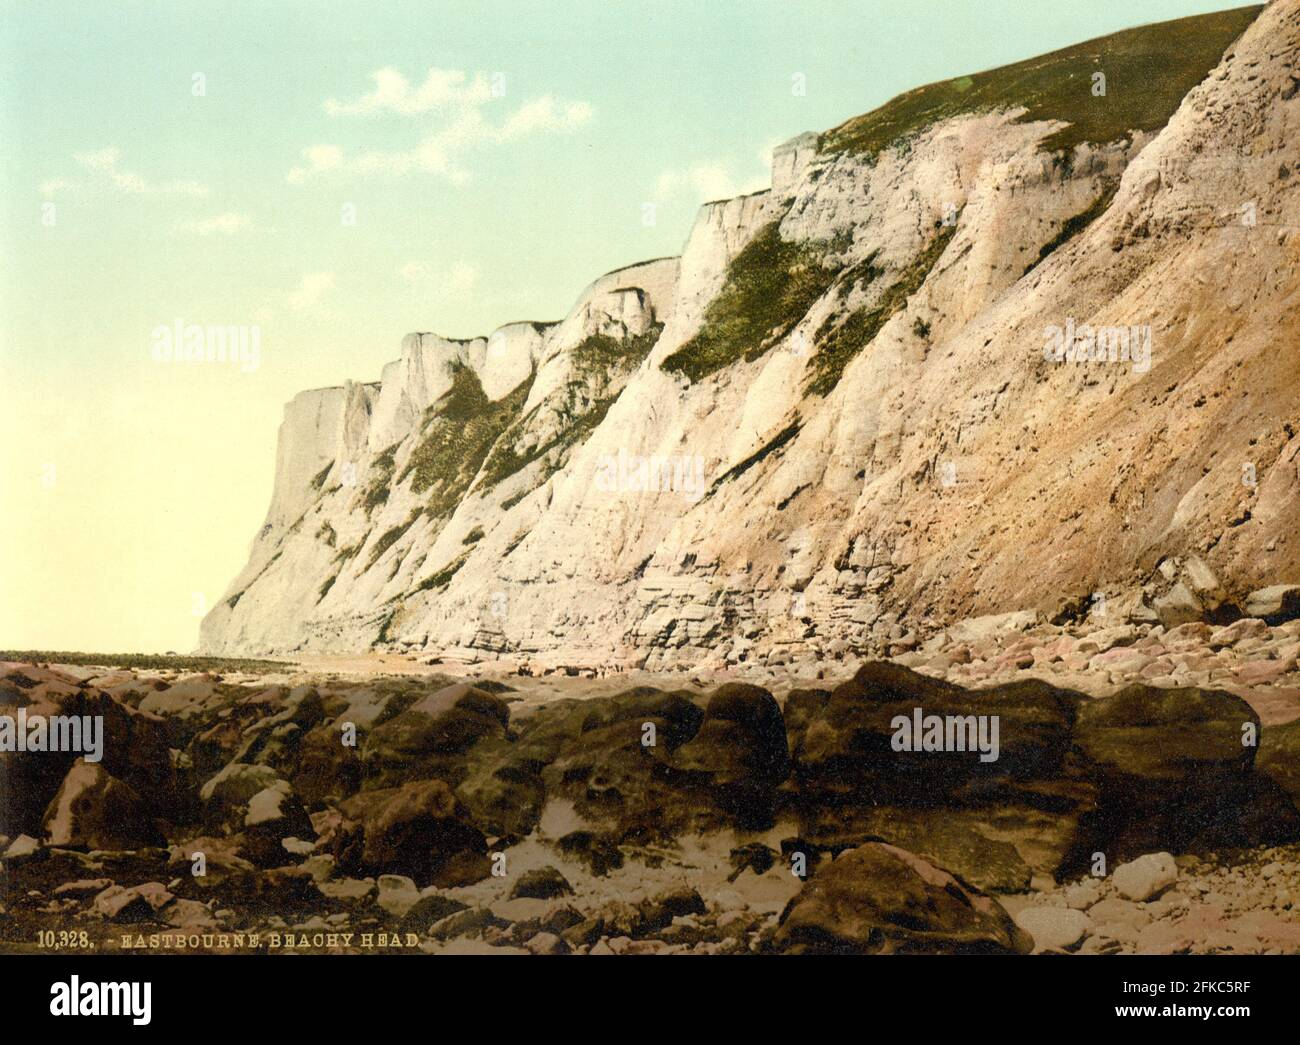 Les falaises de Beachy Head, Sussex vers 1890-1900 Banque D'Images